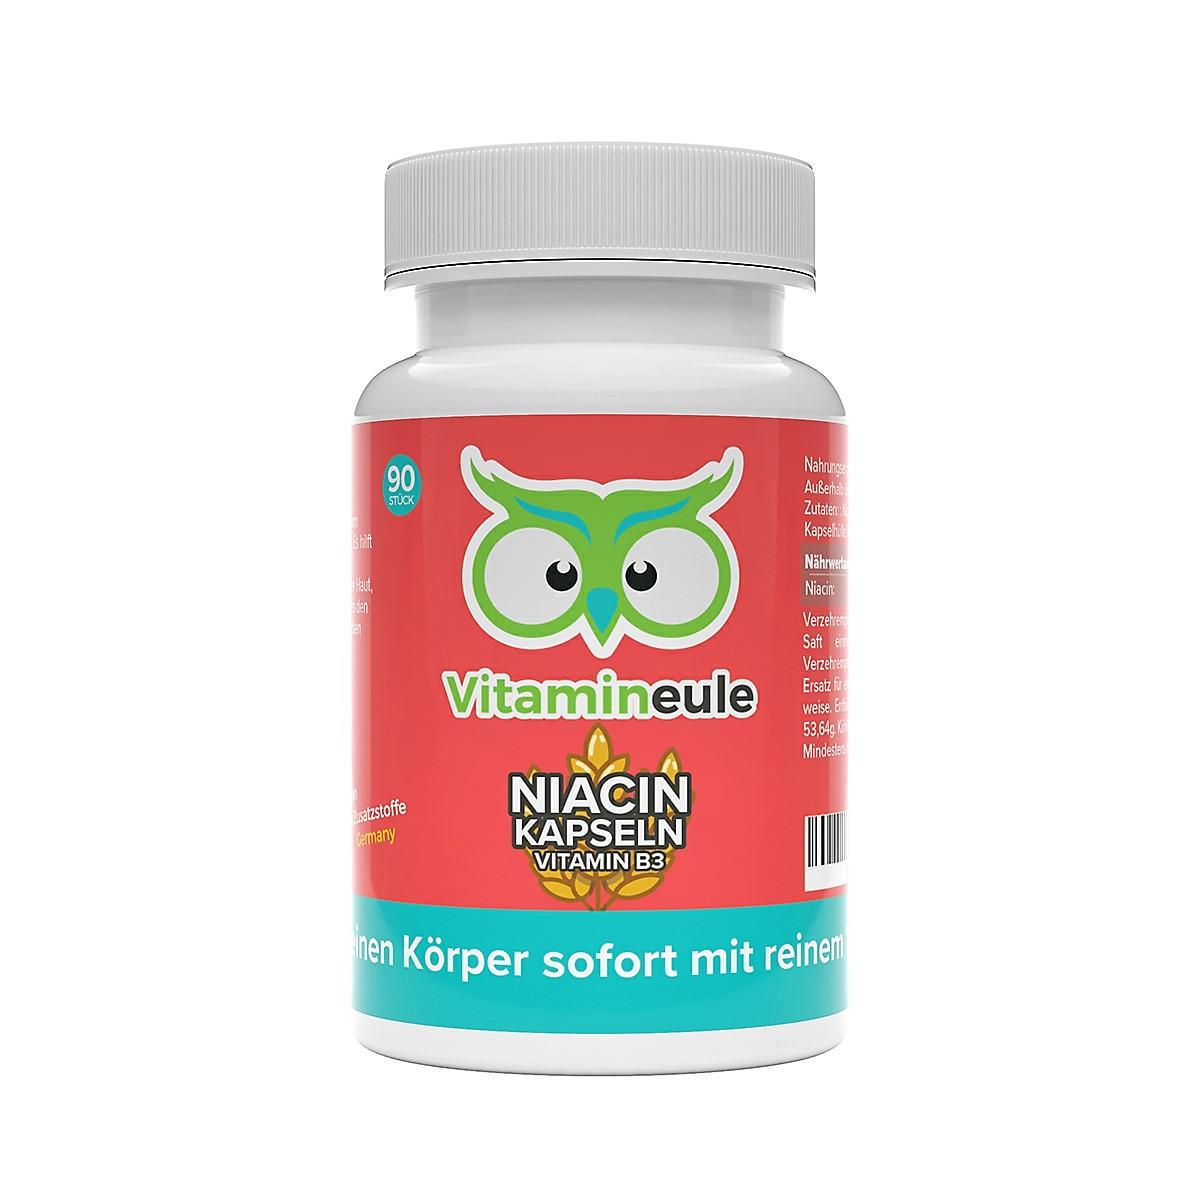 Niacin Kapseln von Vitamineule